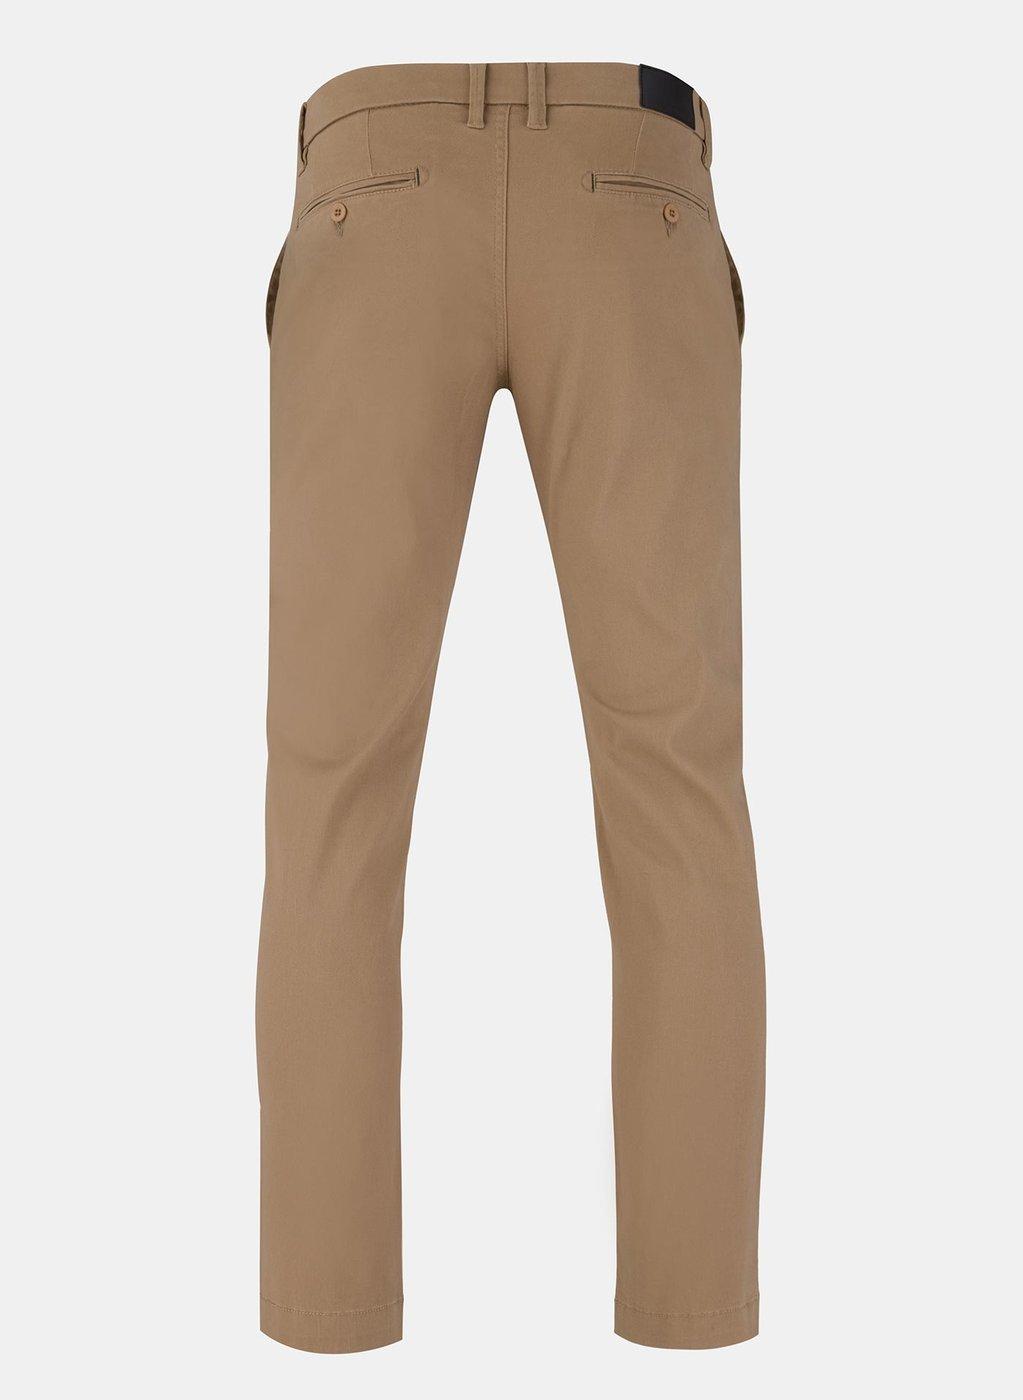 Spodnie męskie BENTON PLM-WX-191-E